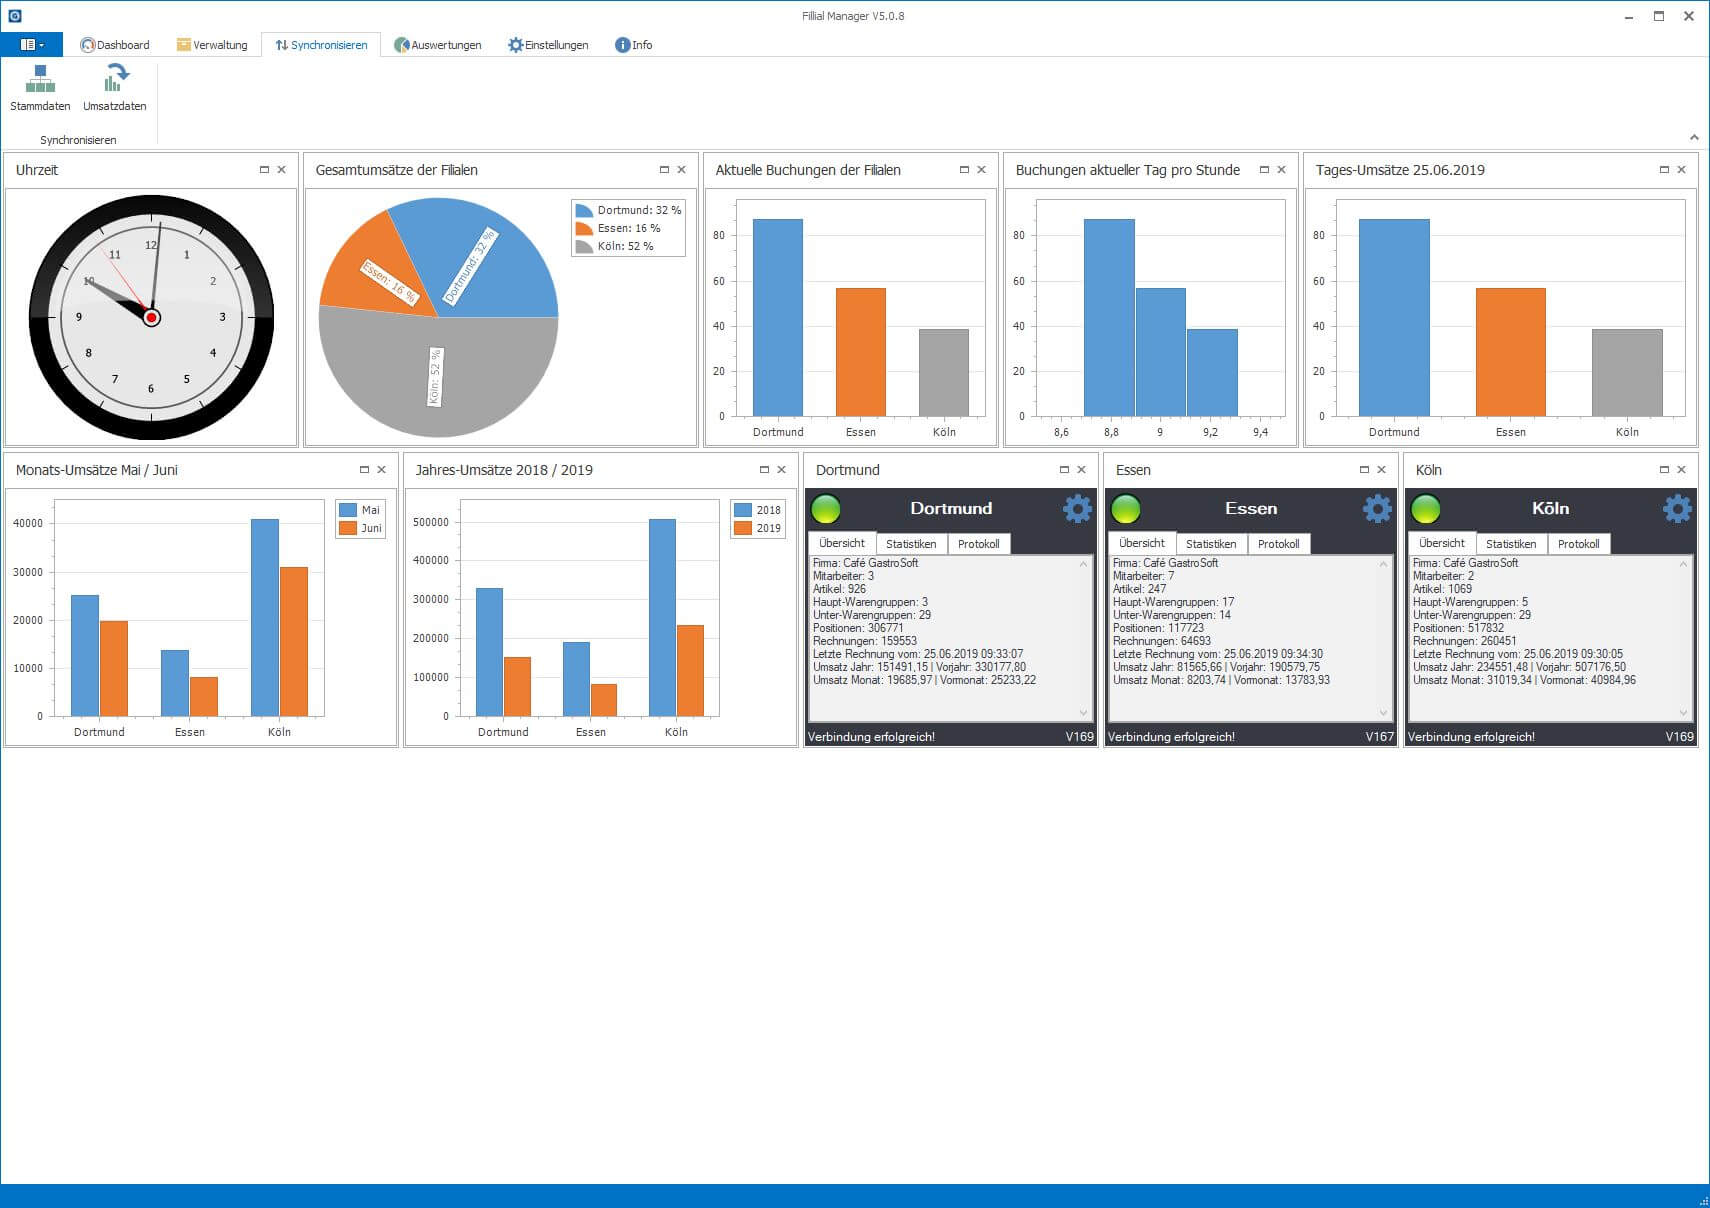 Filial Add-On Kassensoftware Erweiterung mit Uhrzeit Statistiken und Verwaltung